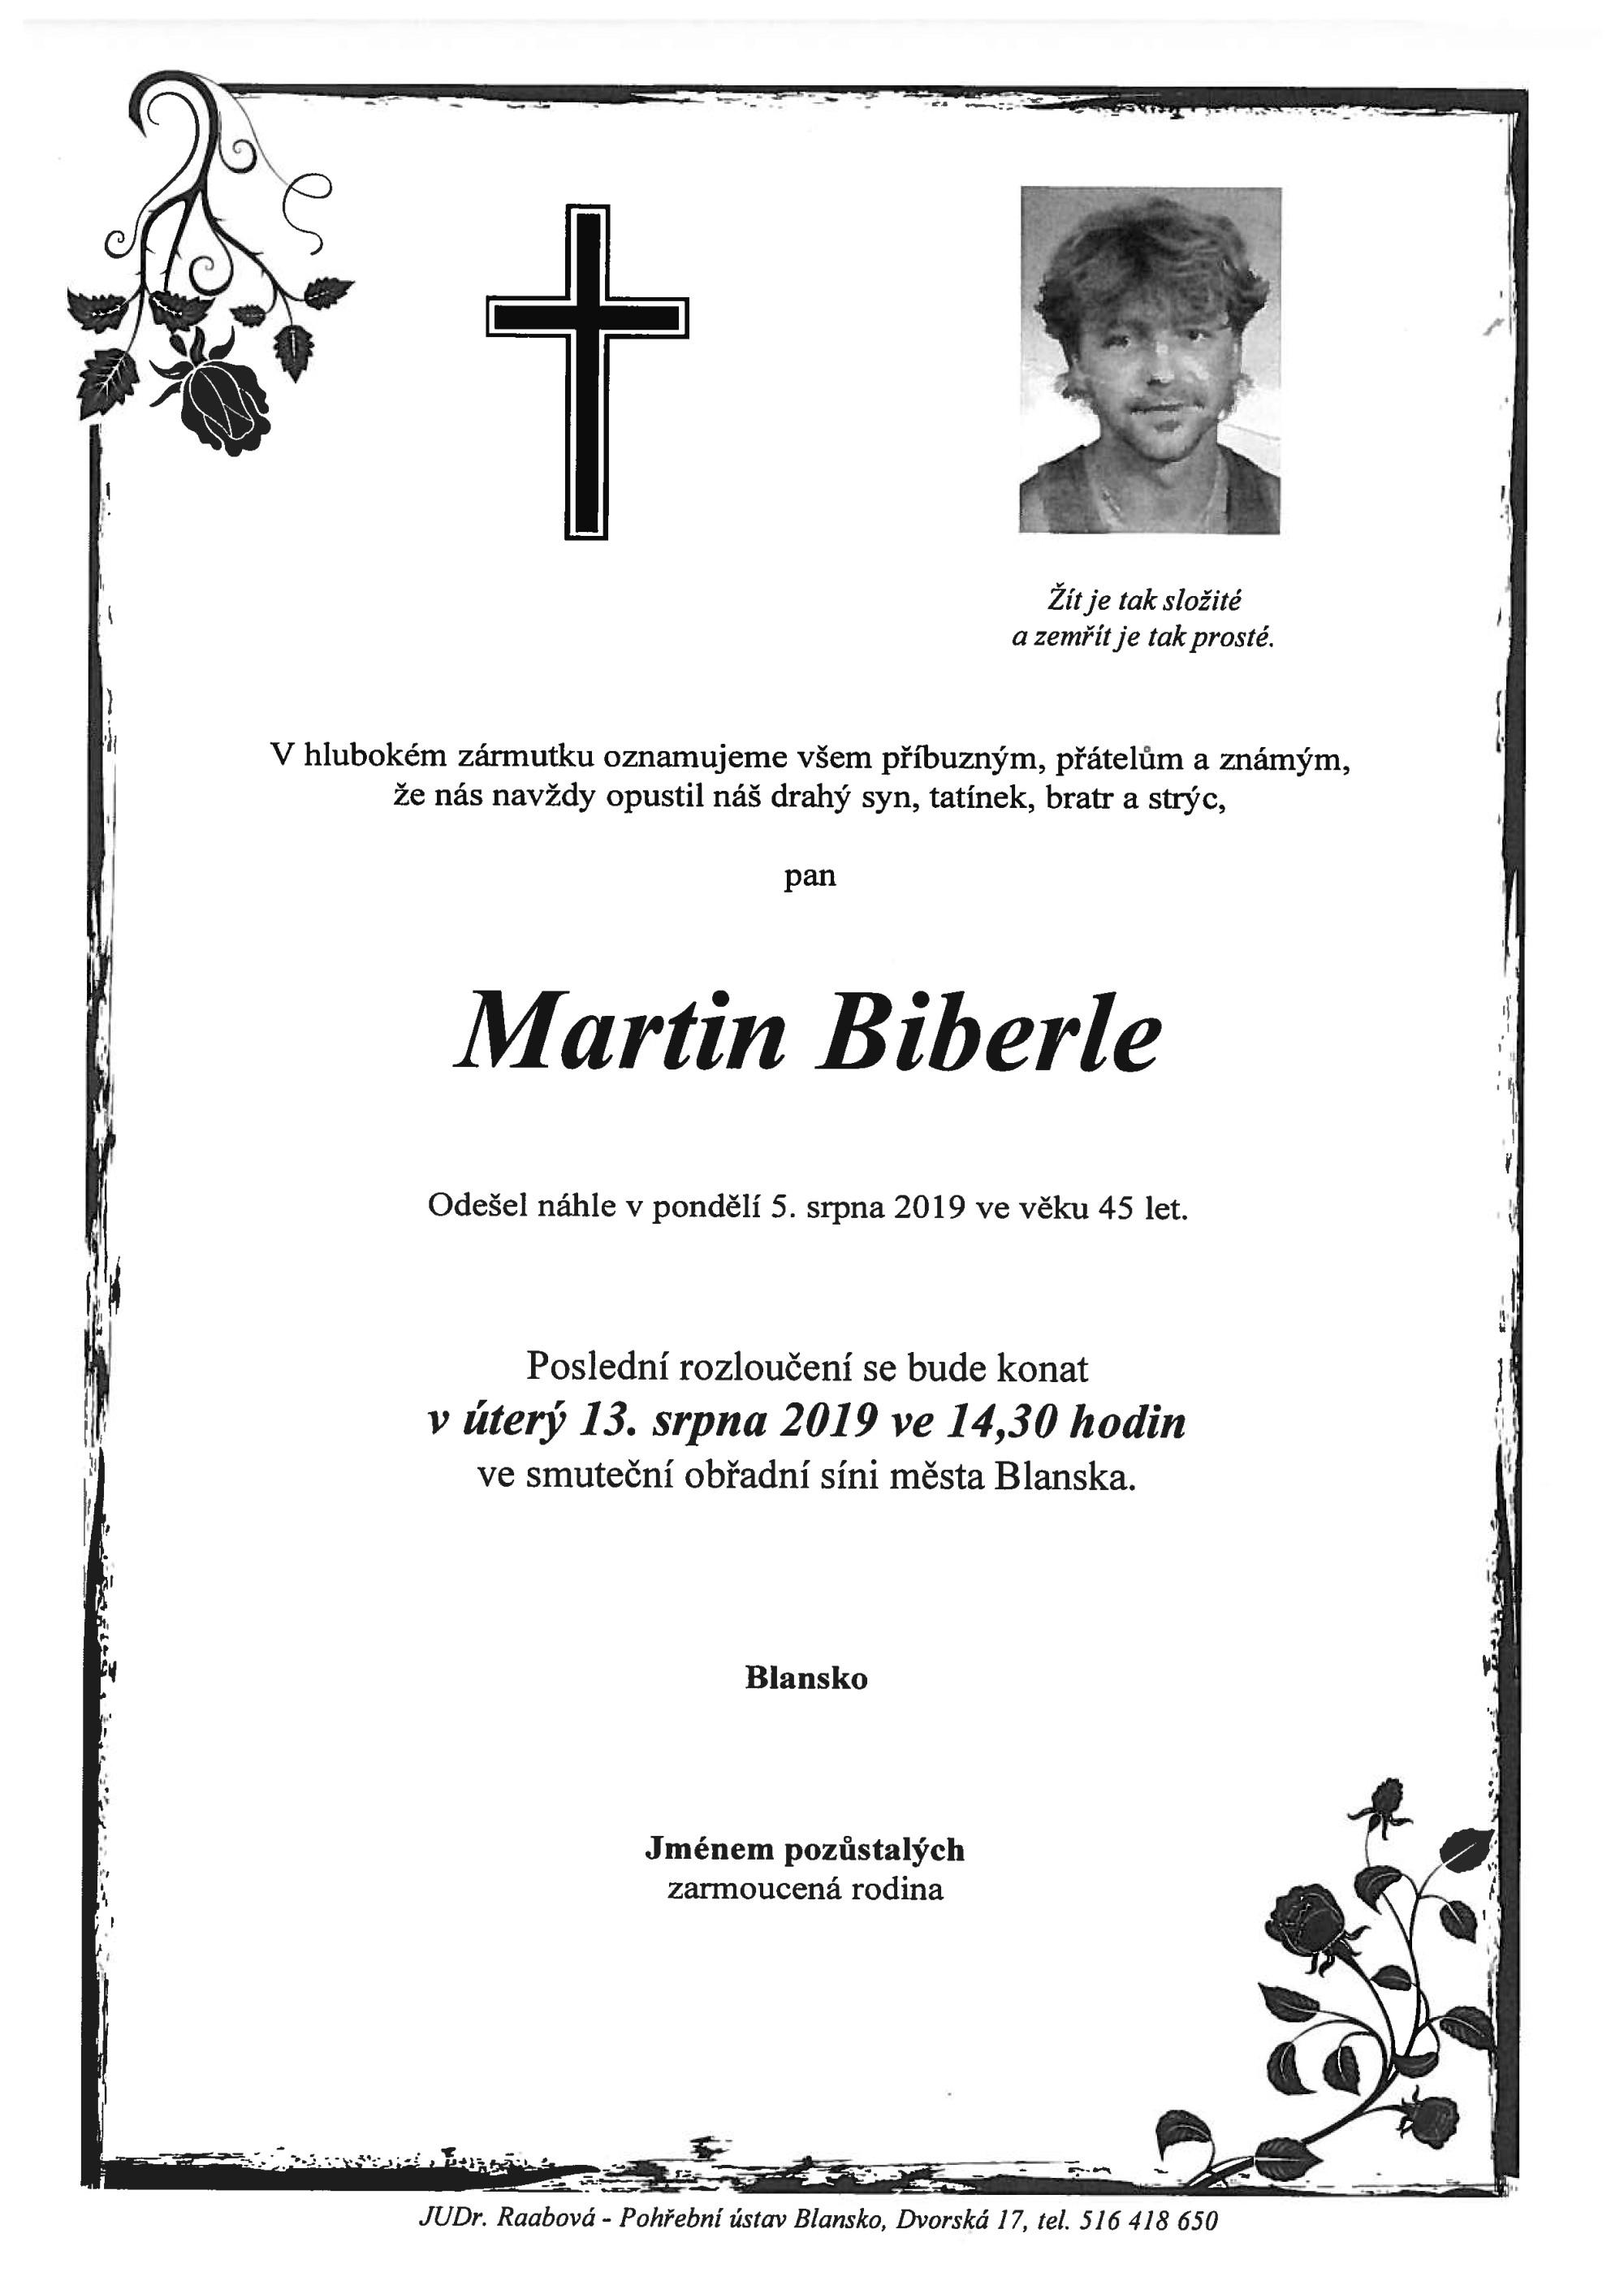 Martin Biberle